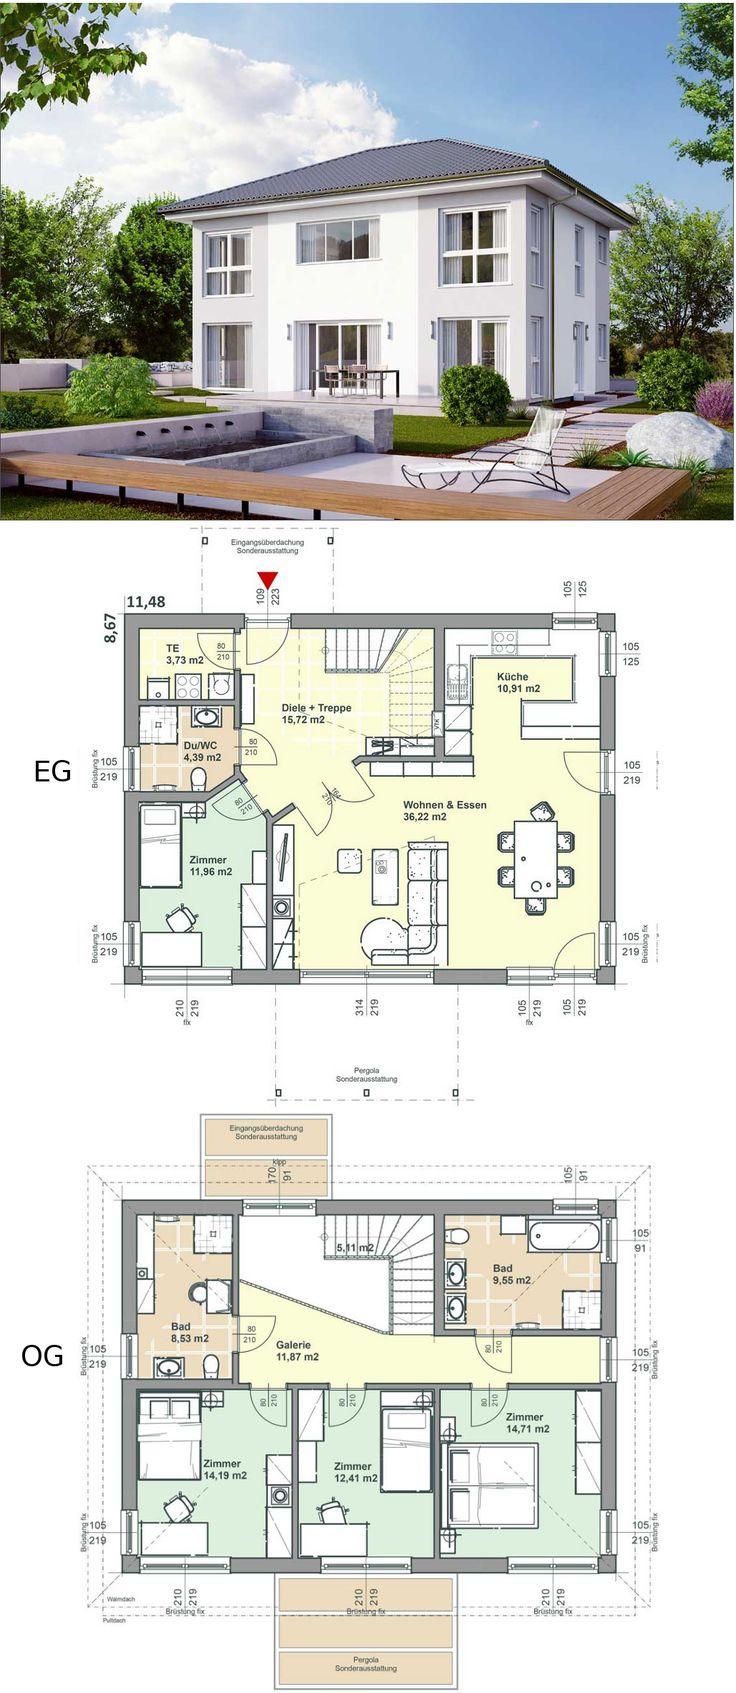 ELK Fertighaus 162 //+ Extra 1 Schlafzimmer Und 1 Badezimmer